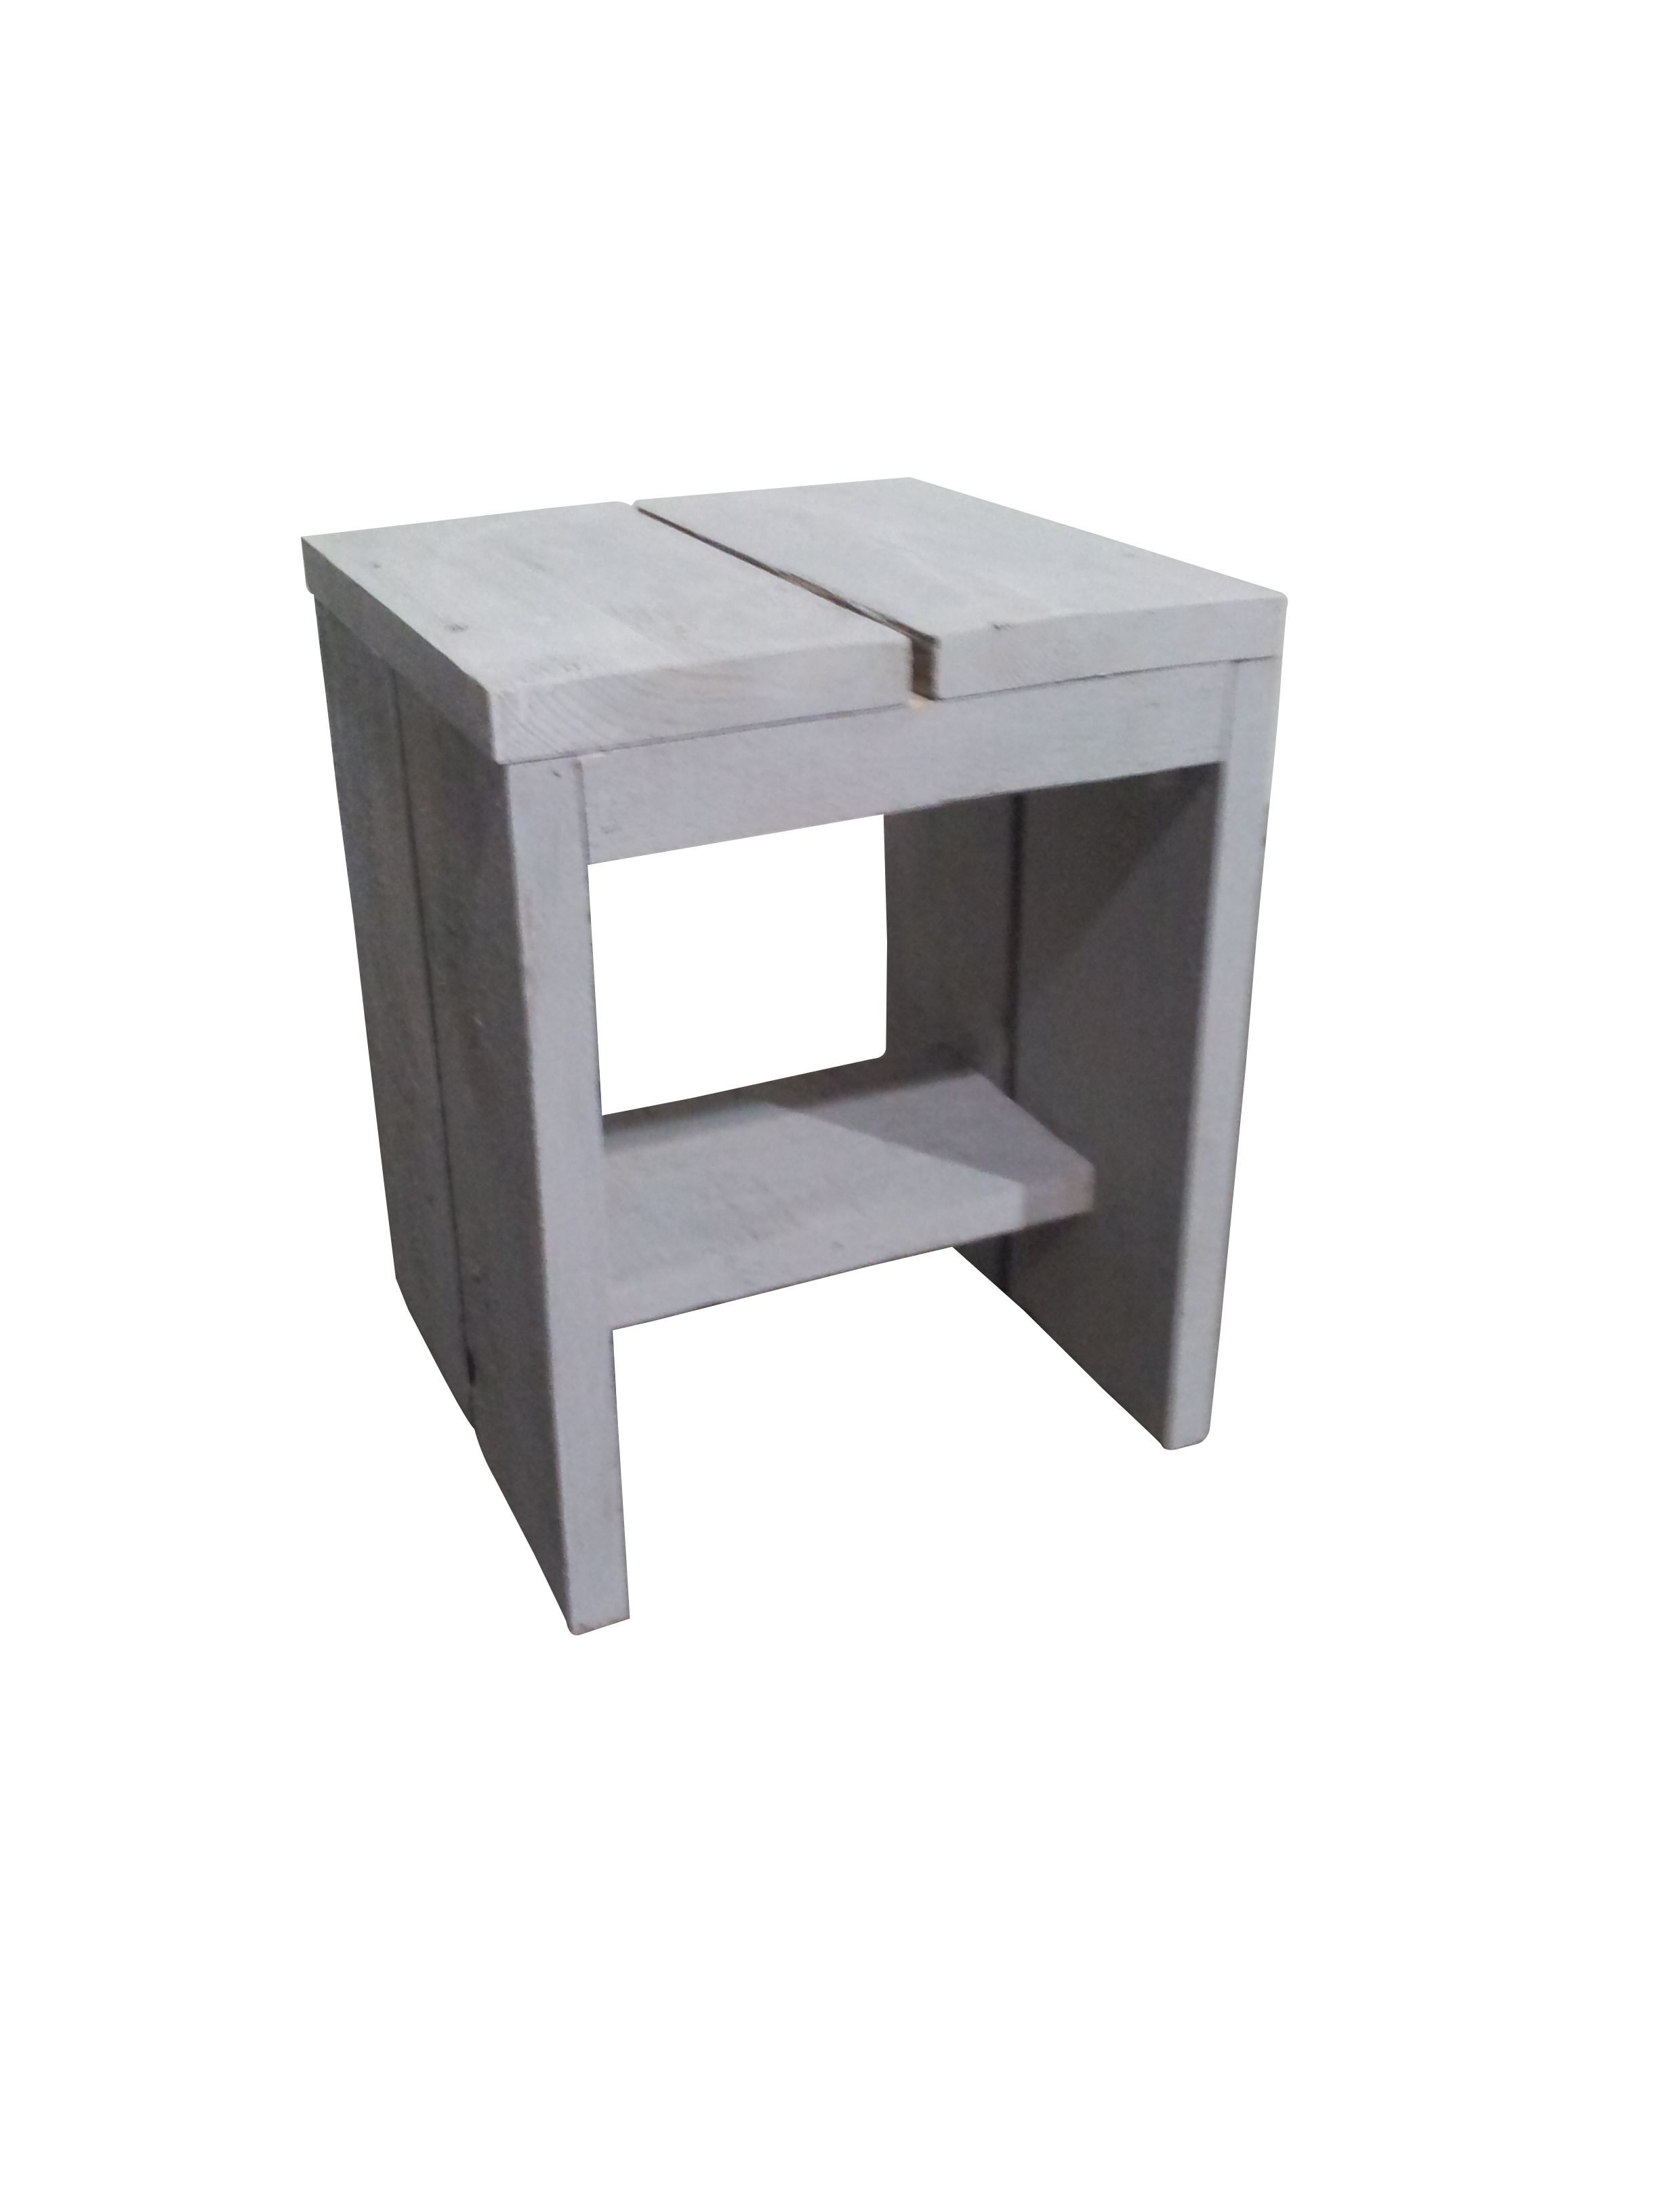 verkoop van meubels ,tapijt en laminaat